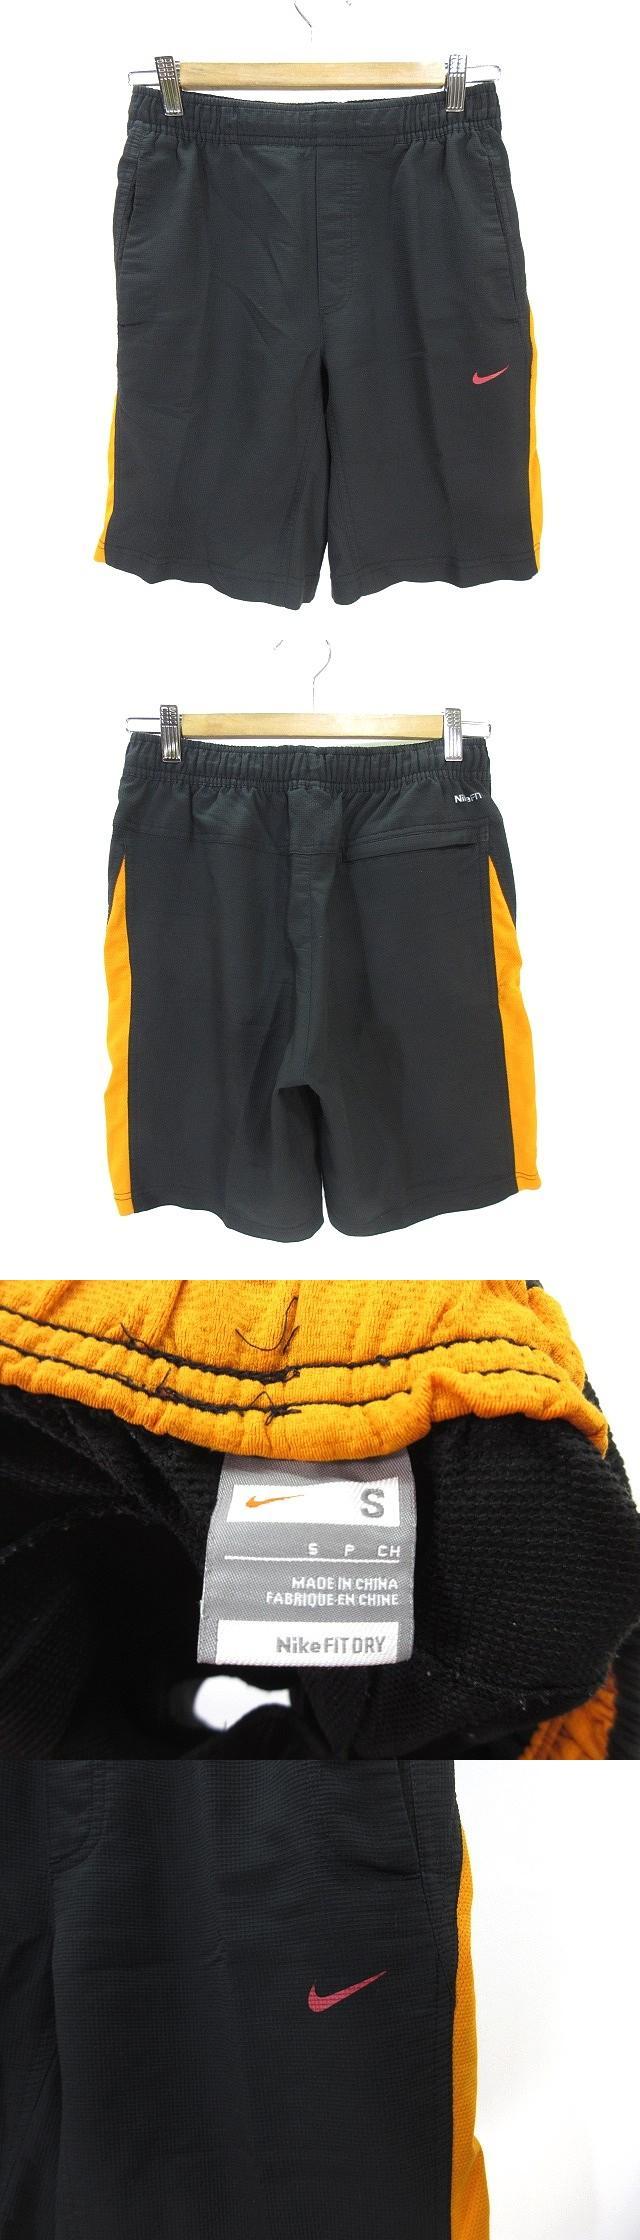 スポーツ ウェア ジャージ ハーフ パンツ ショート ショーツ FIT DRY S ネイビー オレンジ 紺 橙 国内正規